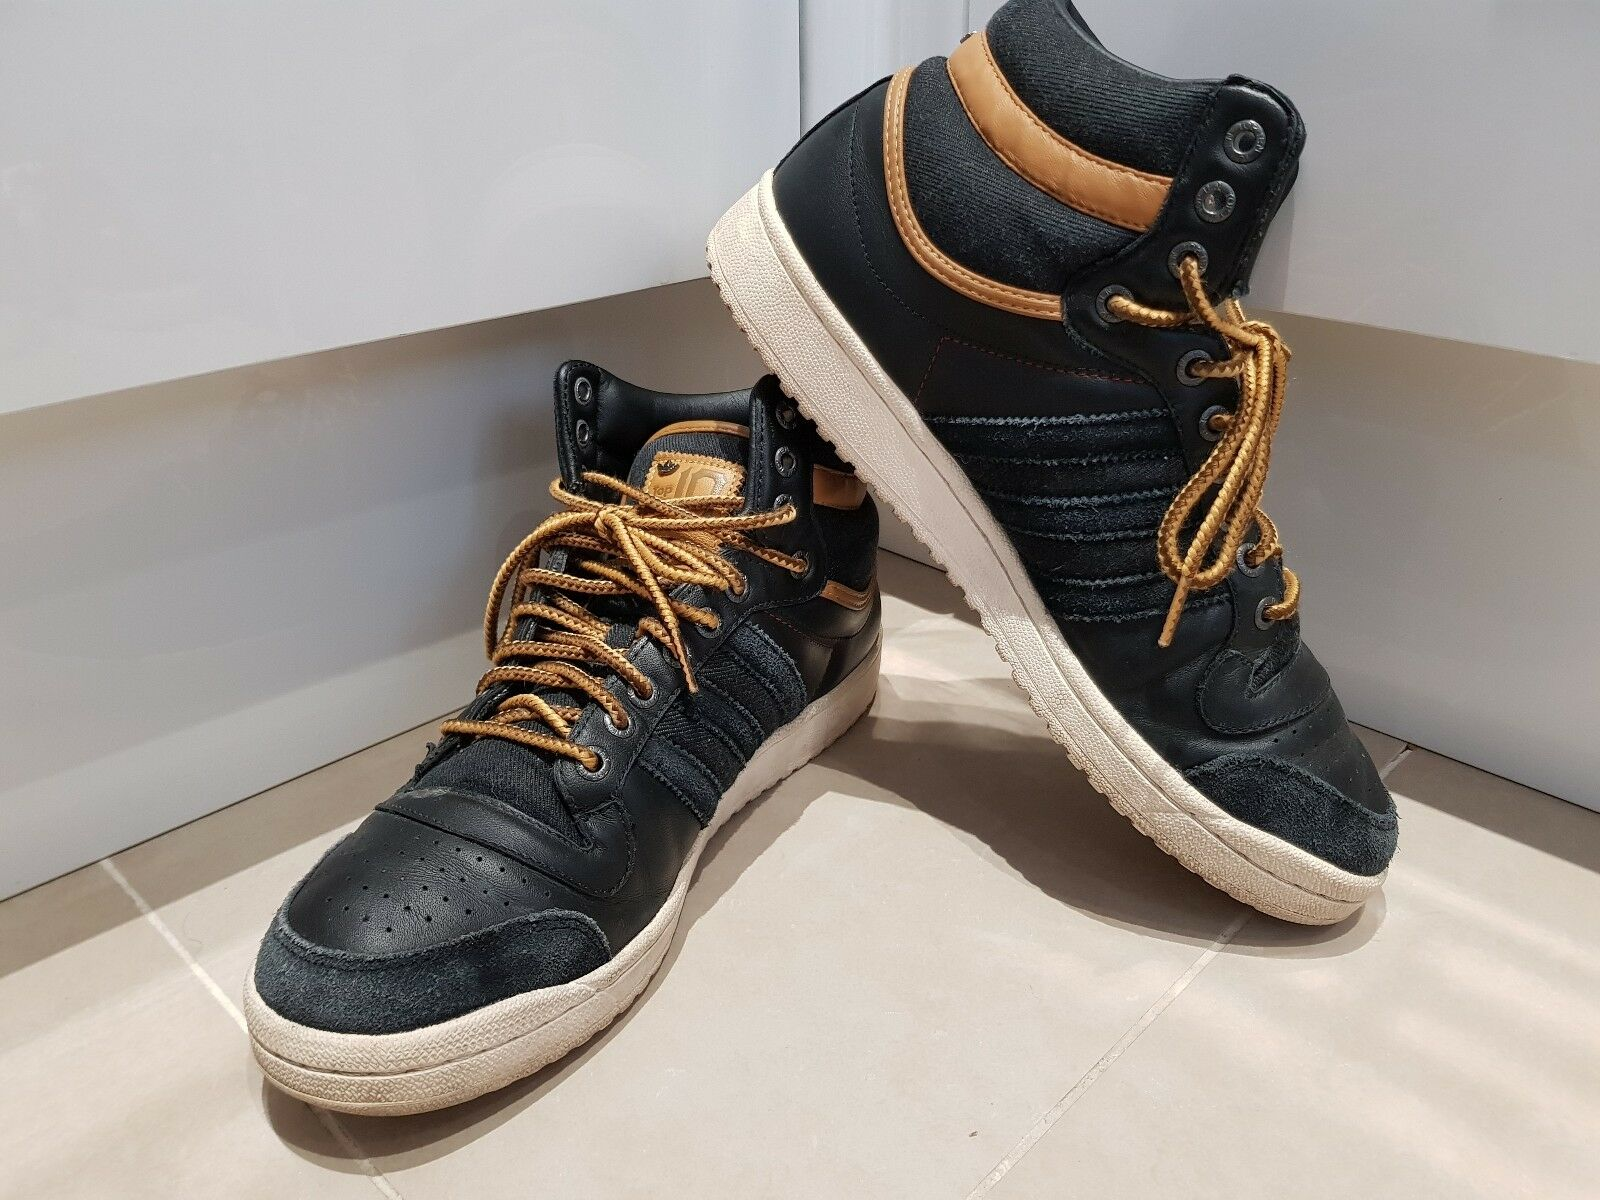 hot sales 3ca13 93db9 Hombre Adidas Top 10 instructores mujeres, tamaño 10 nuevos zapatos para  hombres y mujeres, instructores el limitado tiempo de descuento a5c7ed